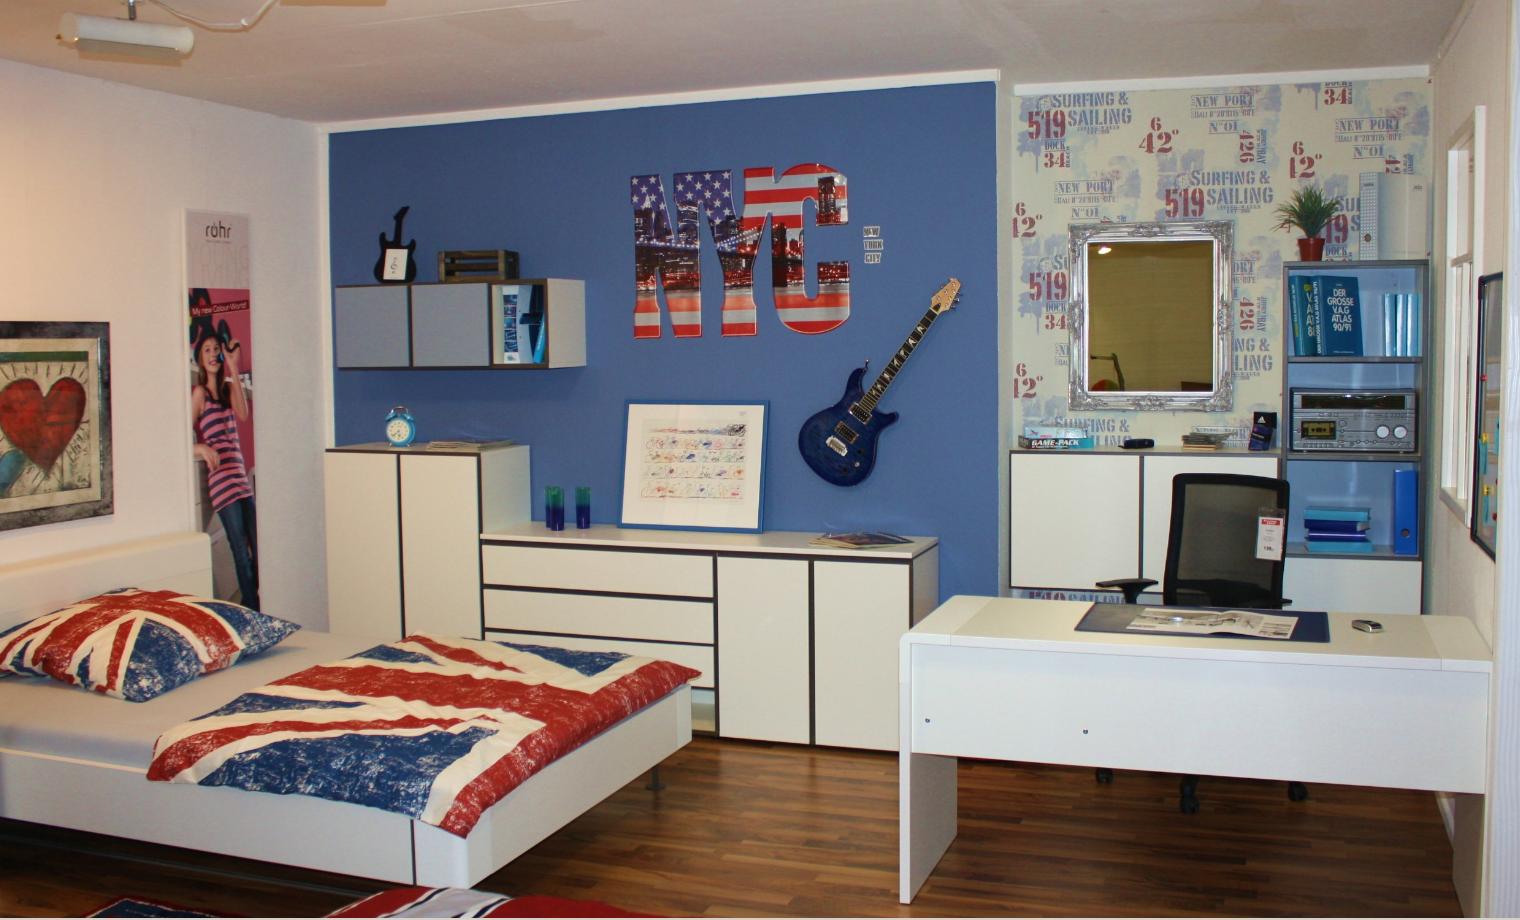 einrichtung stauf ffnungszeiten einrichtung stauf unterfeldstra e. Black Bedroom Furniture Sets. Home Design Ideas